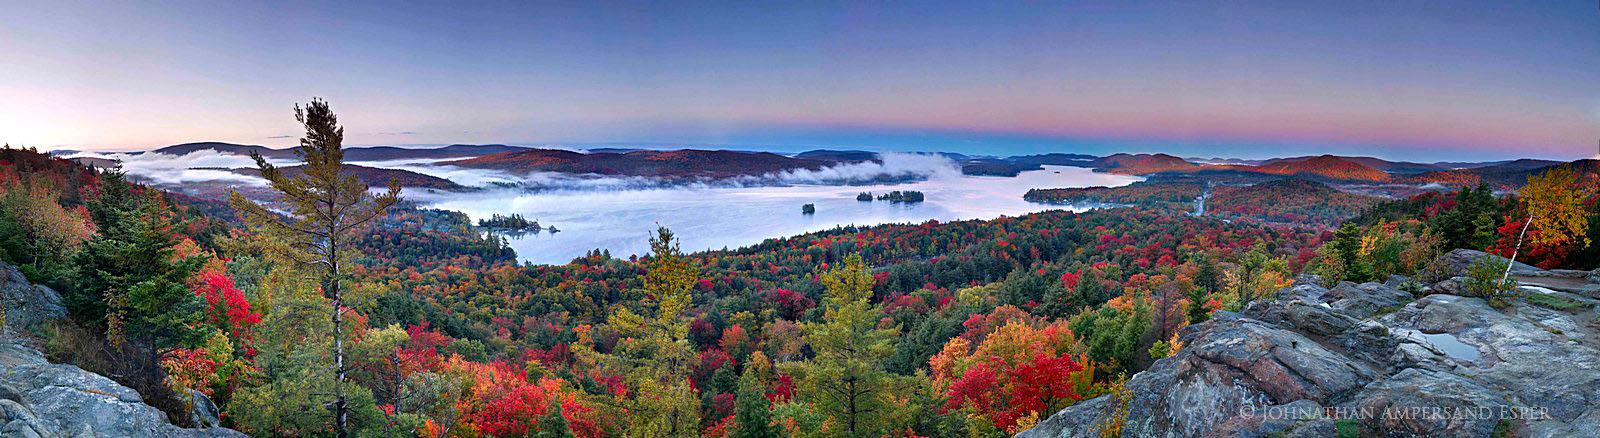 Fourth Lake,Inlet,Inlet NY,autumn,Rocky Mt,Fourth Lake Rocky Mt,sunrise,fog,Adirondack Park,lakes,Adirondack,panorama,pu, photo